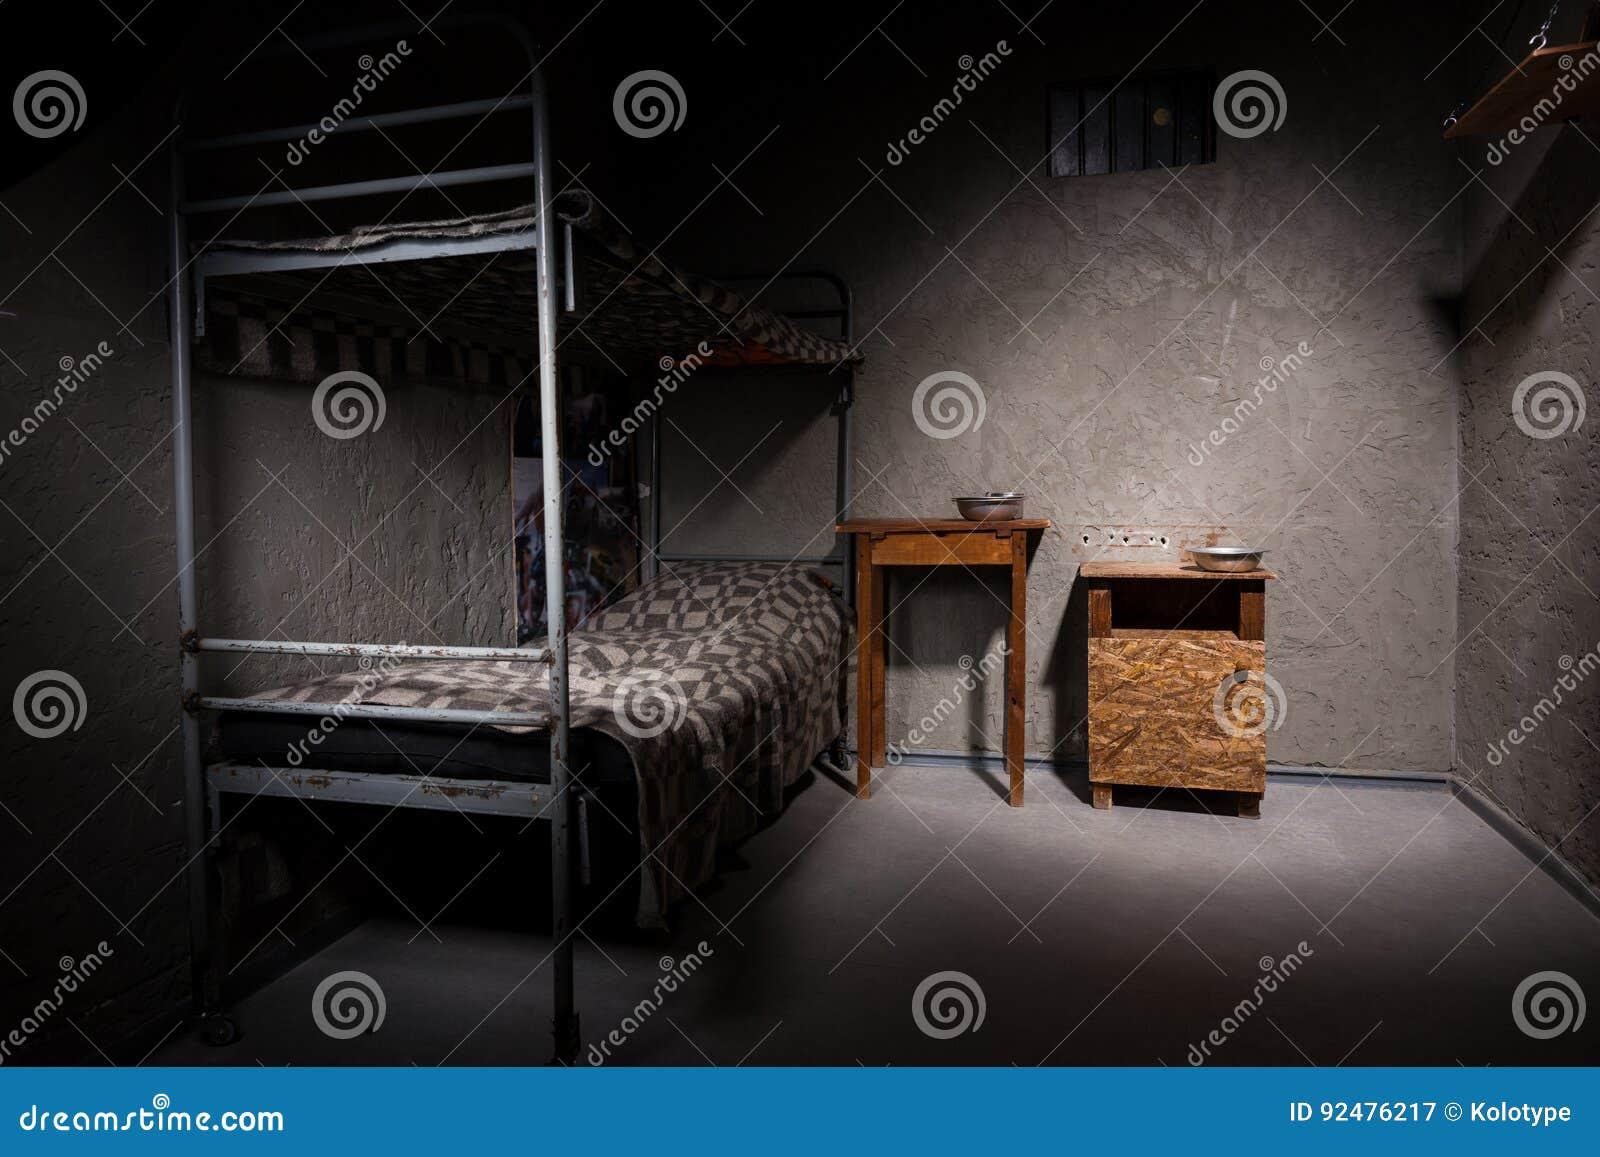 Cellule De Prison Avec Le Lit Superpose De Fer Et La Table De Chevet